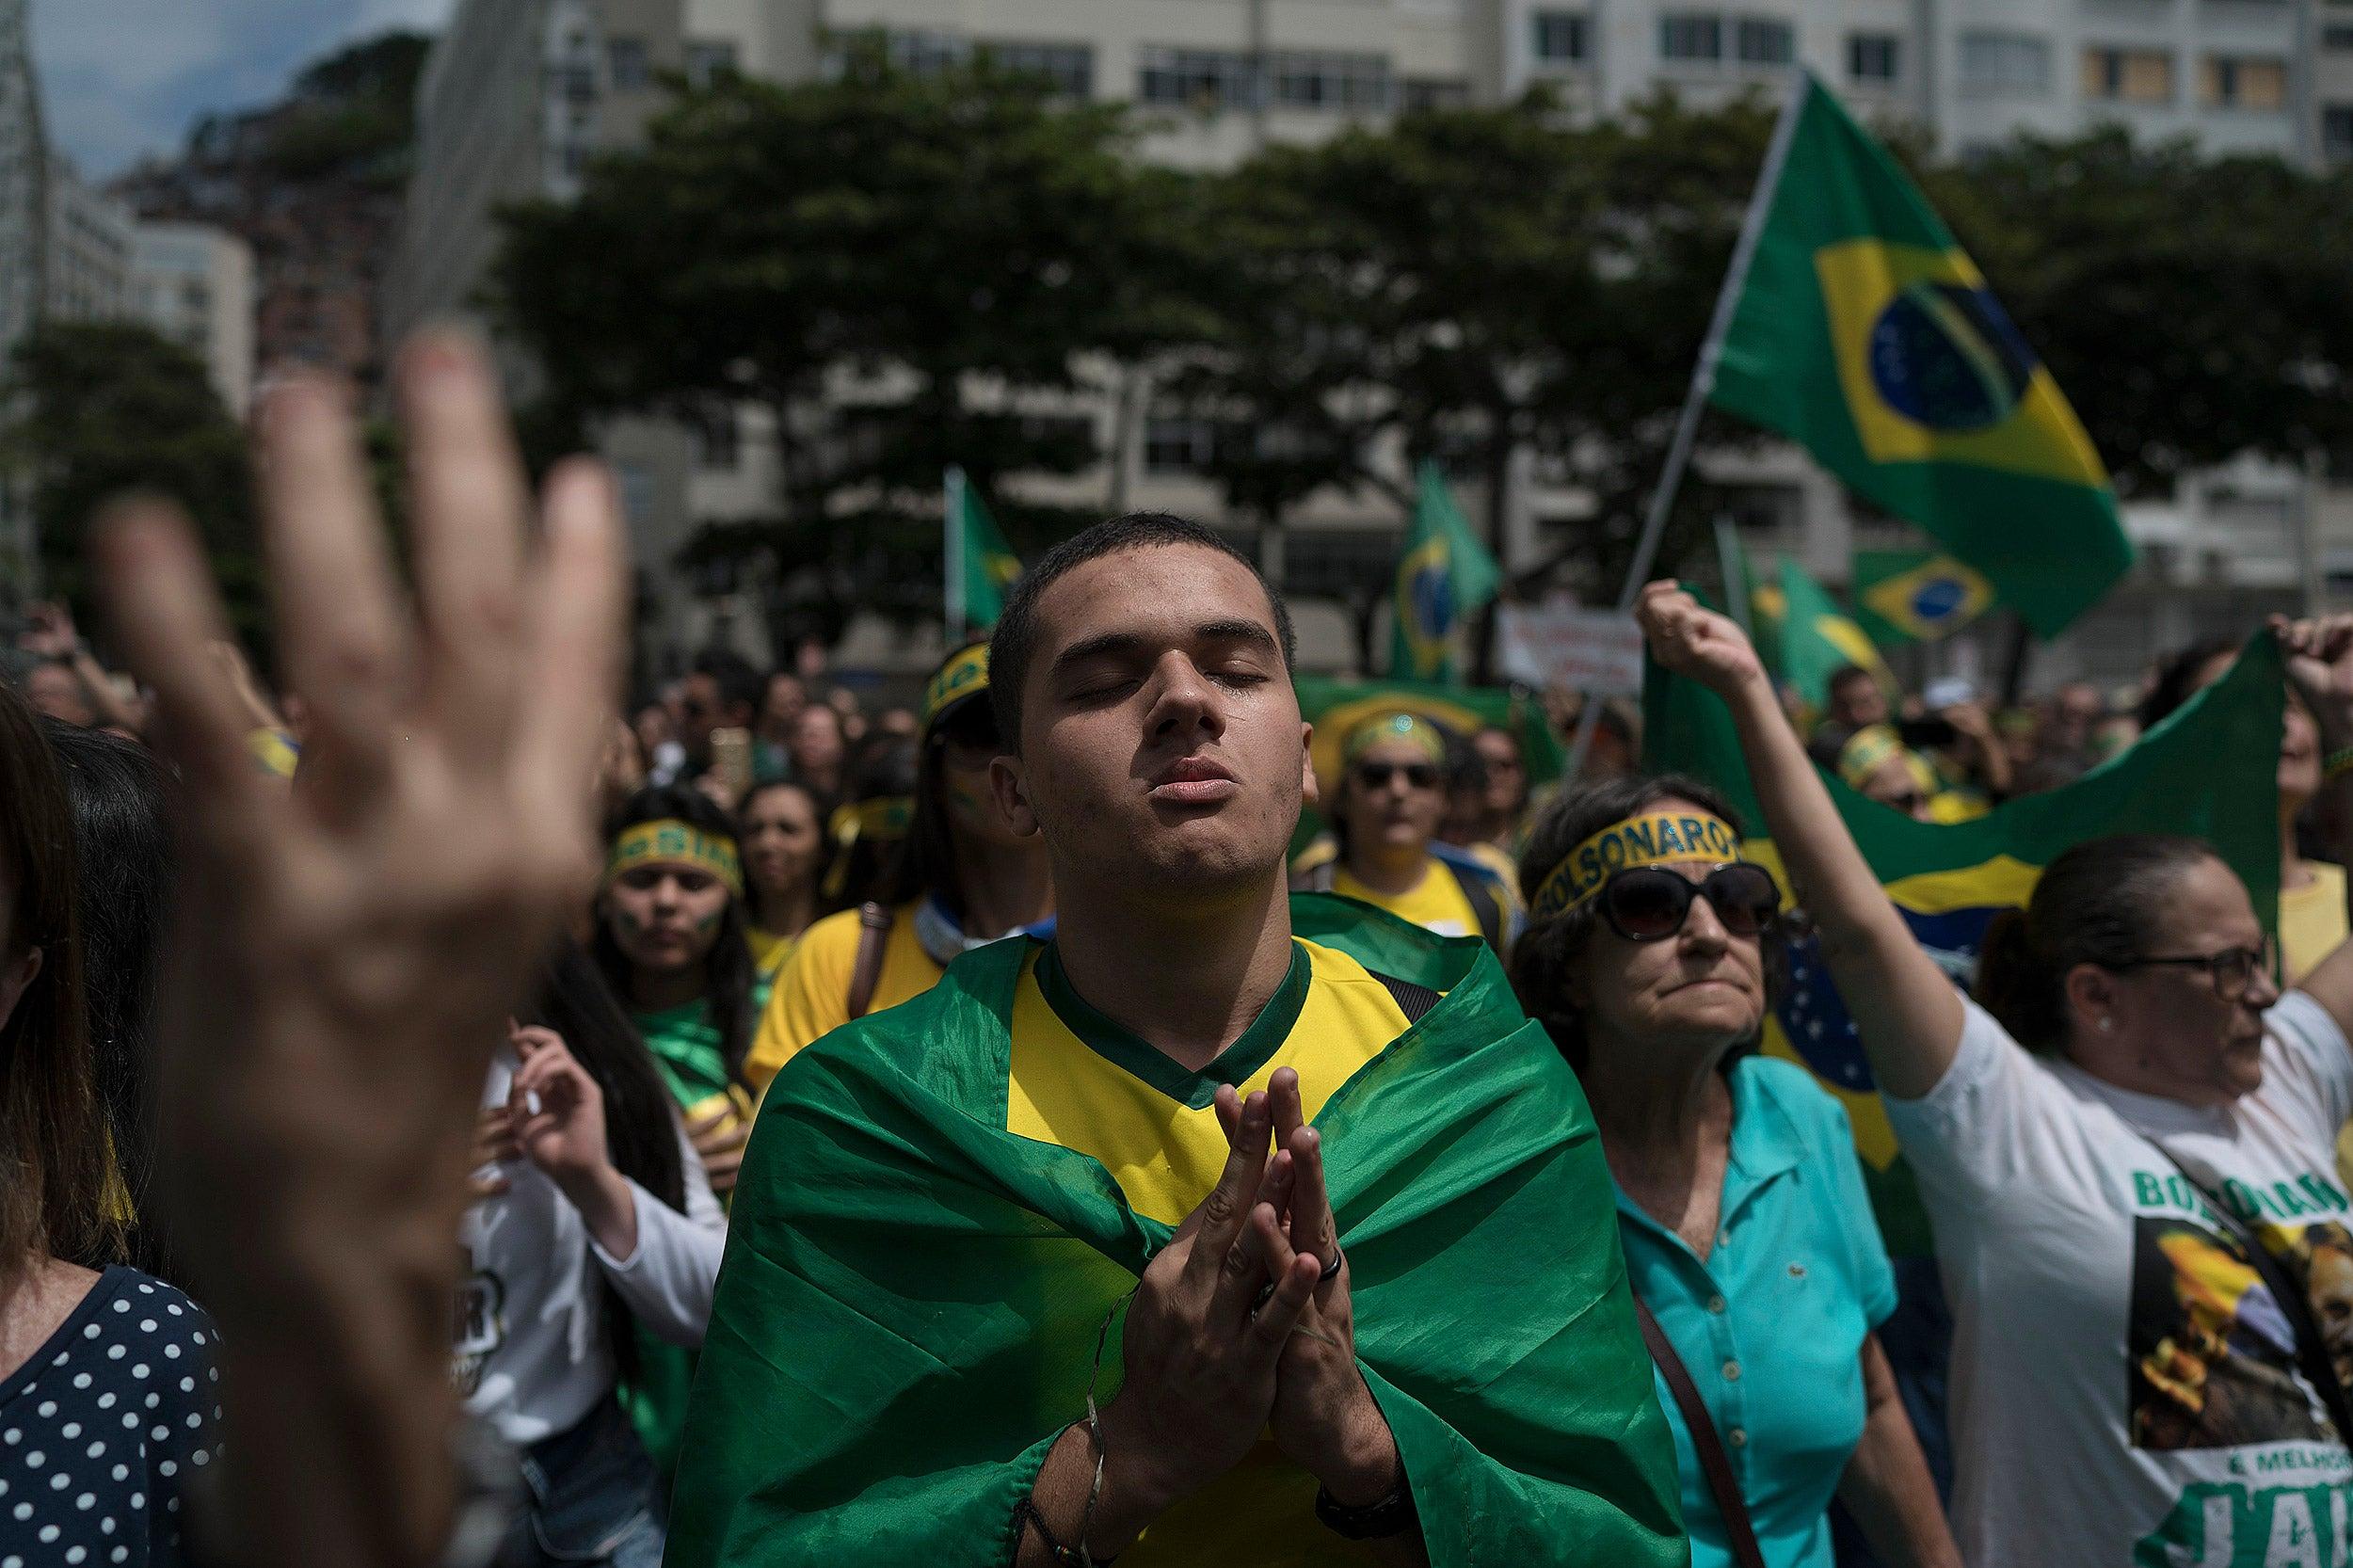 Bolsonaro campaign rally in Rio de Janeiro.